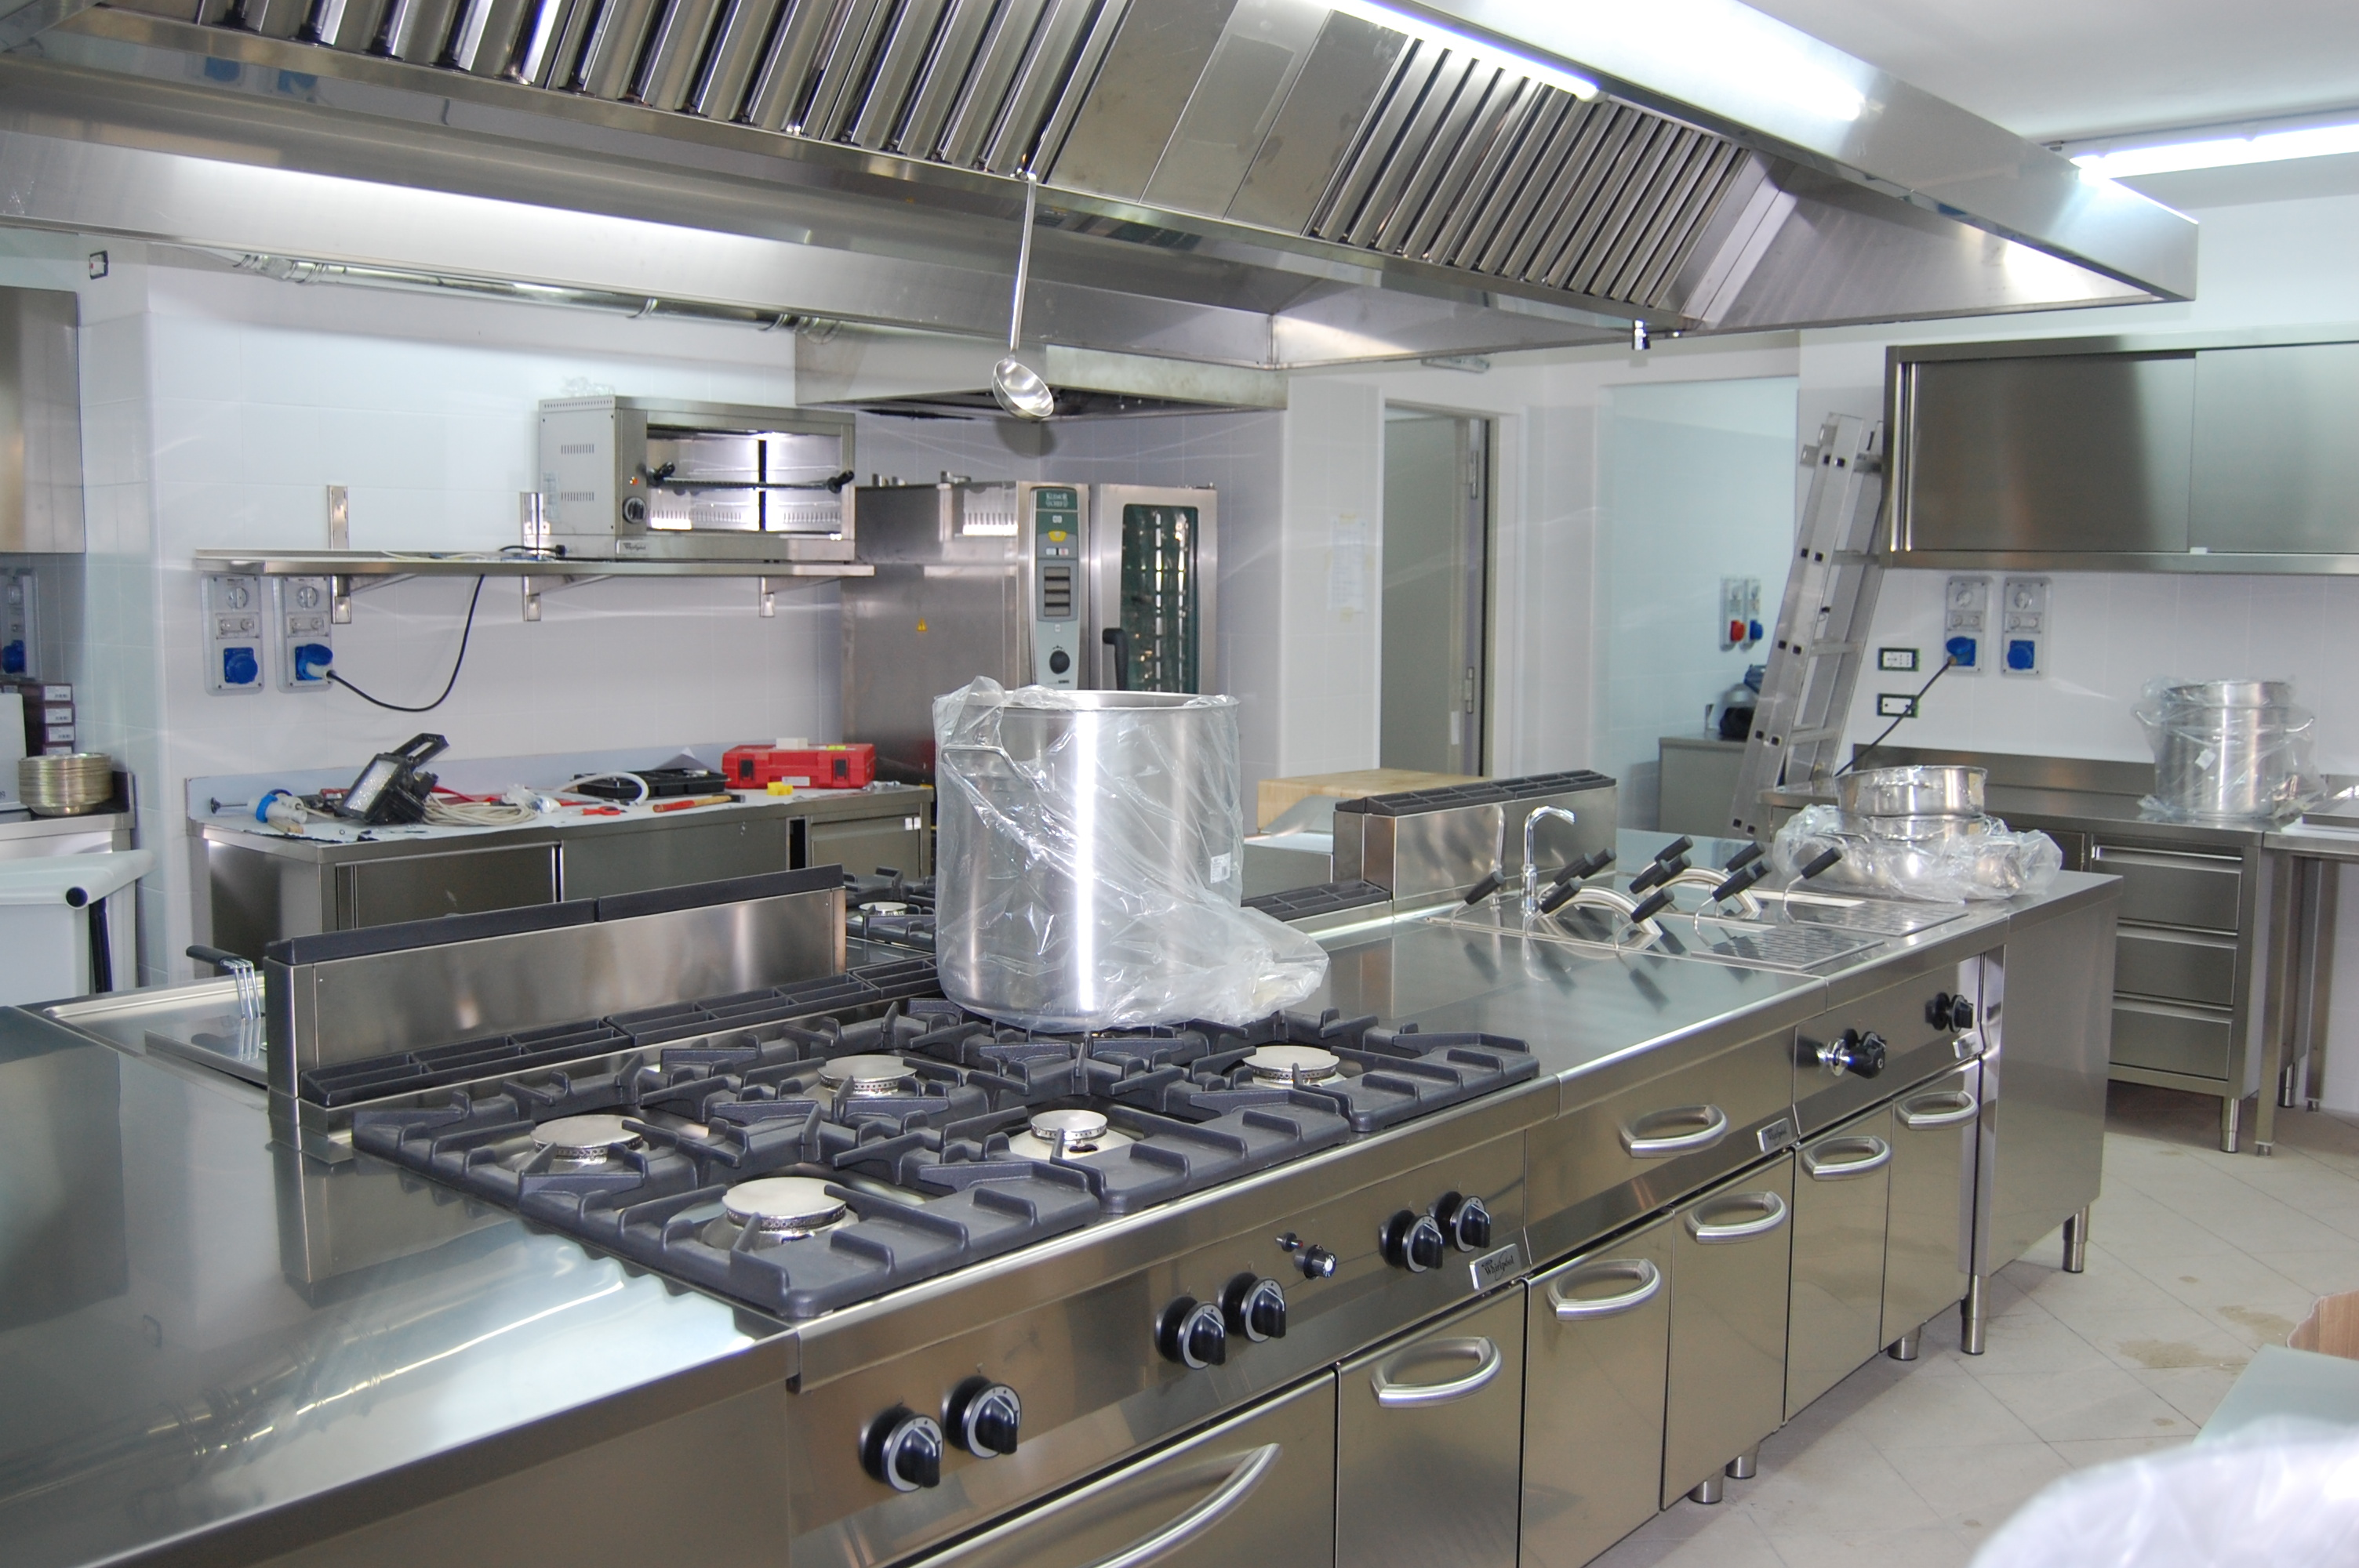 vendita e assistenza cucine professionali perugia | s.a.t. com.m ... - Attrezzature Professionali Cucina